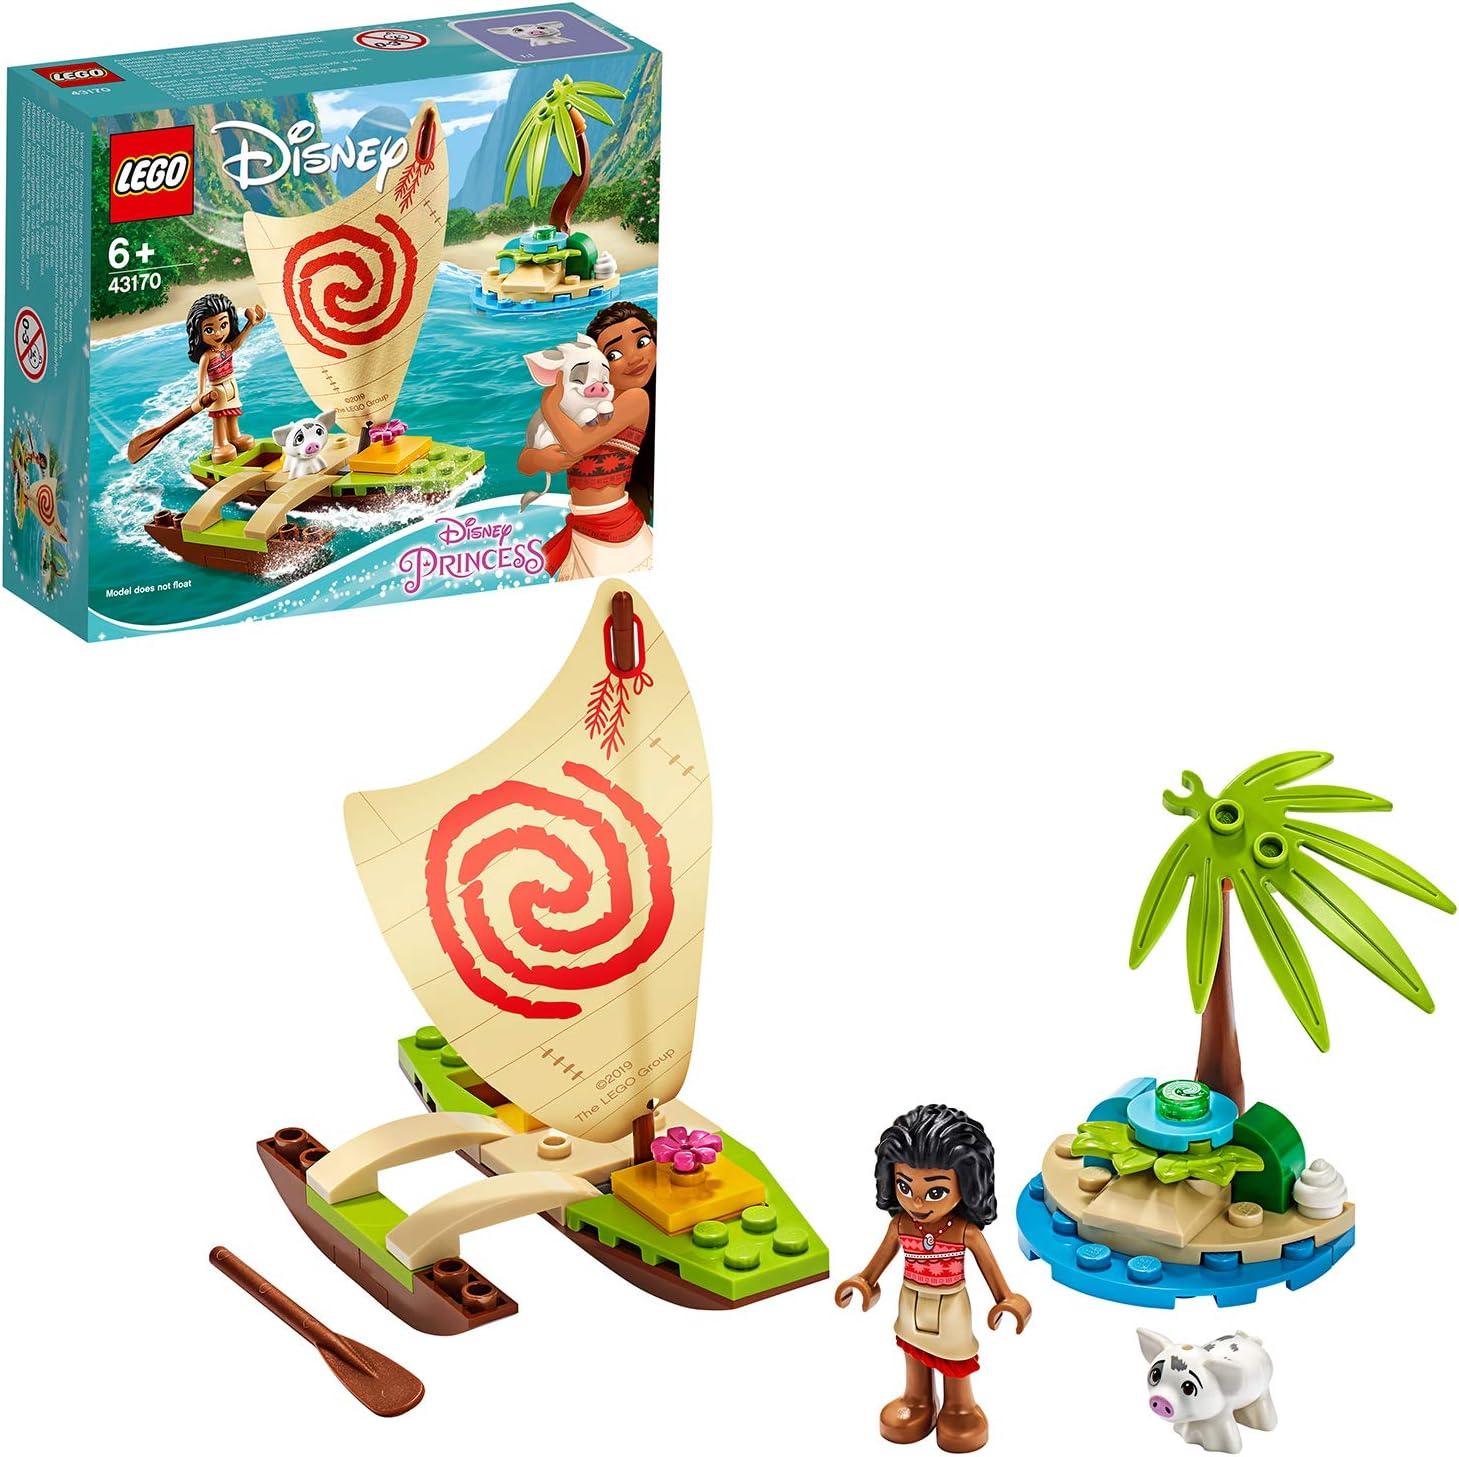 LEGO Disney Princess - Aventura Oceánica de Vaiana Juguete de Construcción Creativo de la Película, con Muñecas de Vaiana y Púa, Contiene una Canoa y otros Elementos, a Partir de 6 Años (